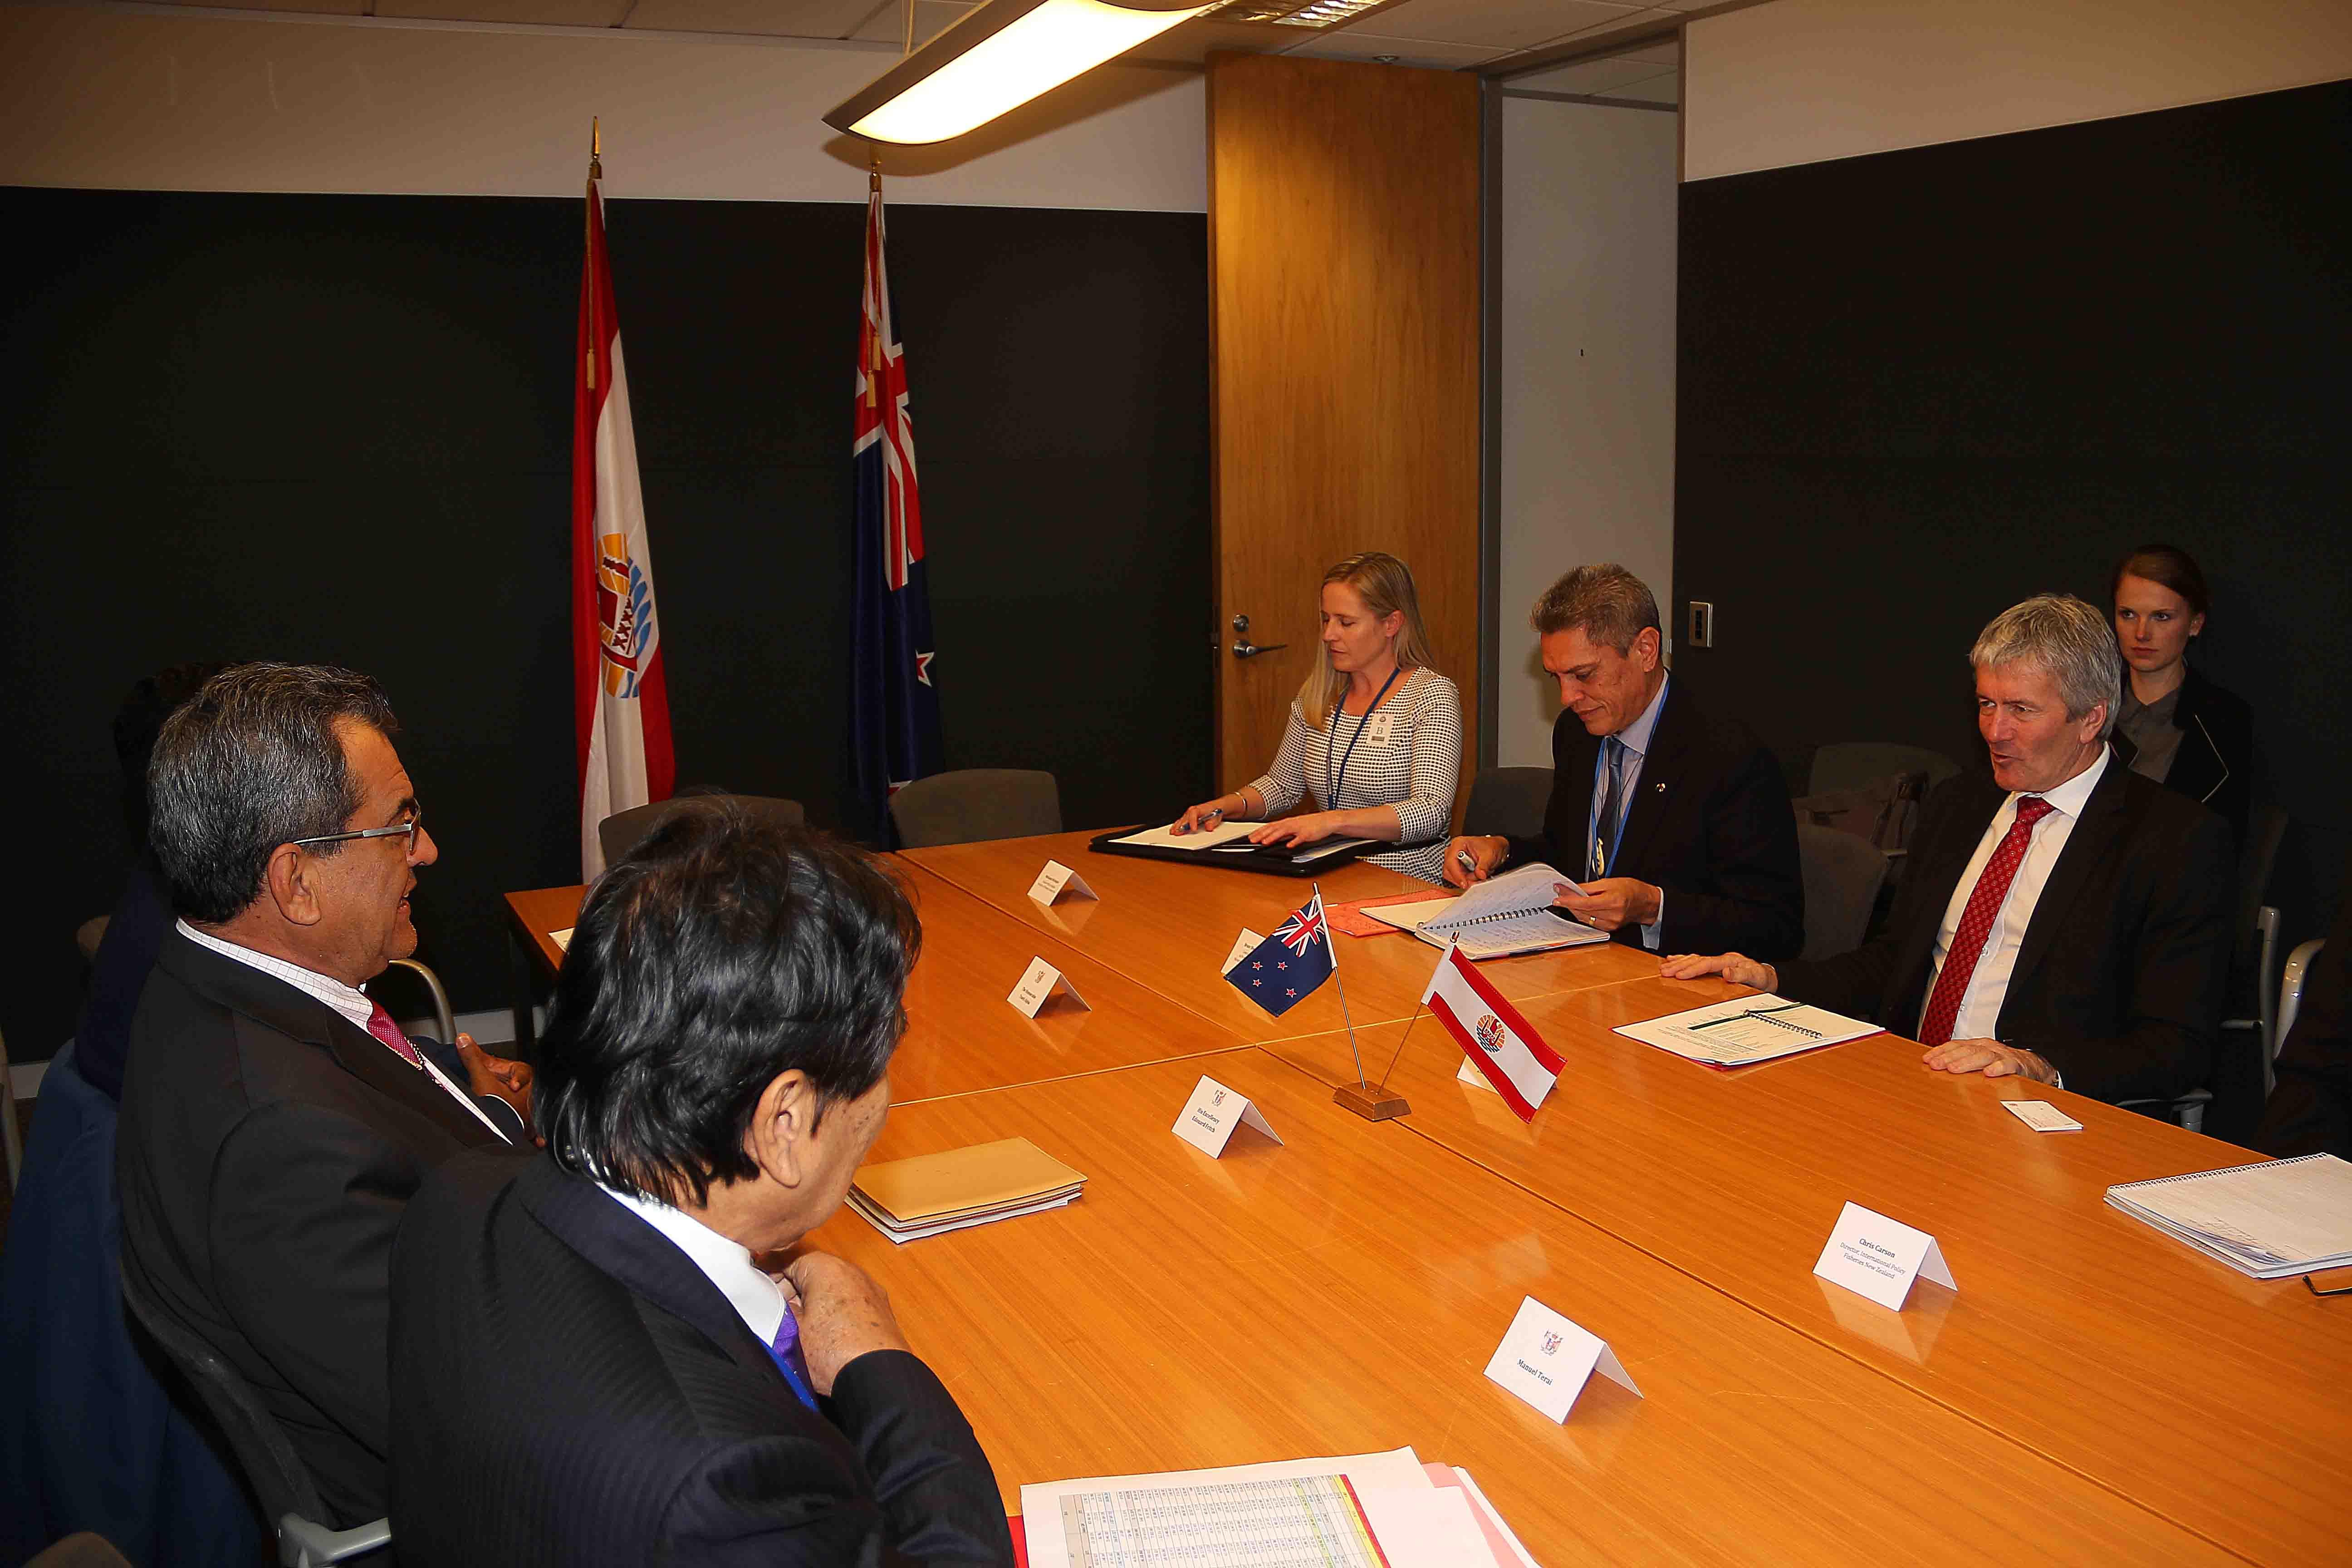 le Président Edouard Fritch s'est ensuite entretenu, dans l'après-midi, avec le ministre de l'Agriculture, Damien O'connor.